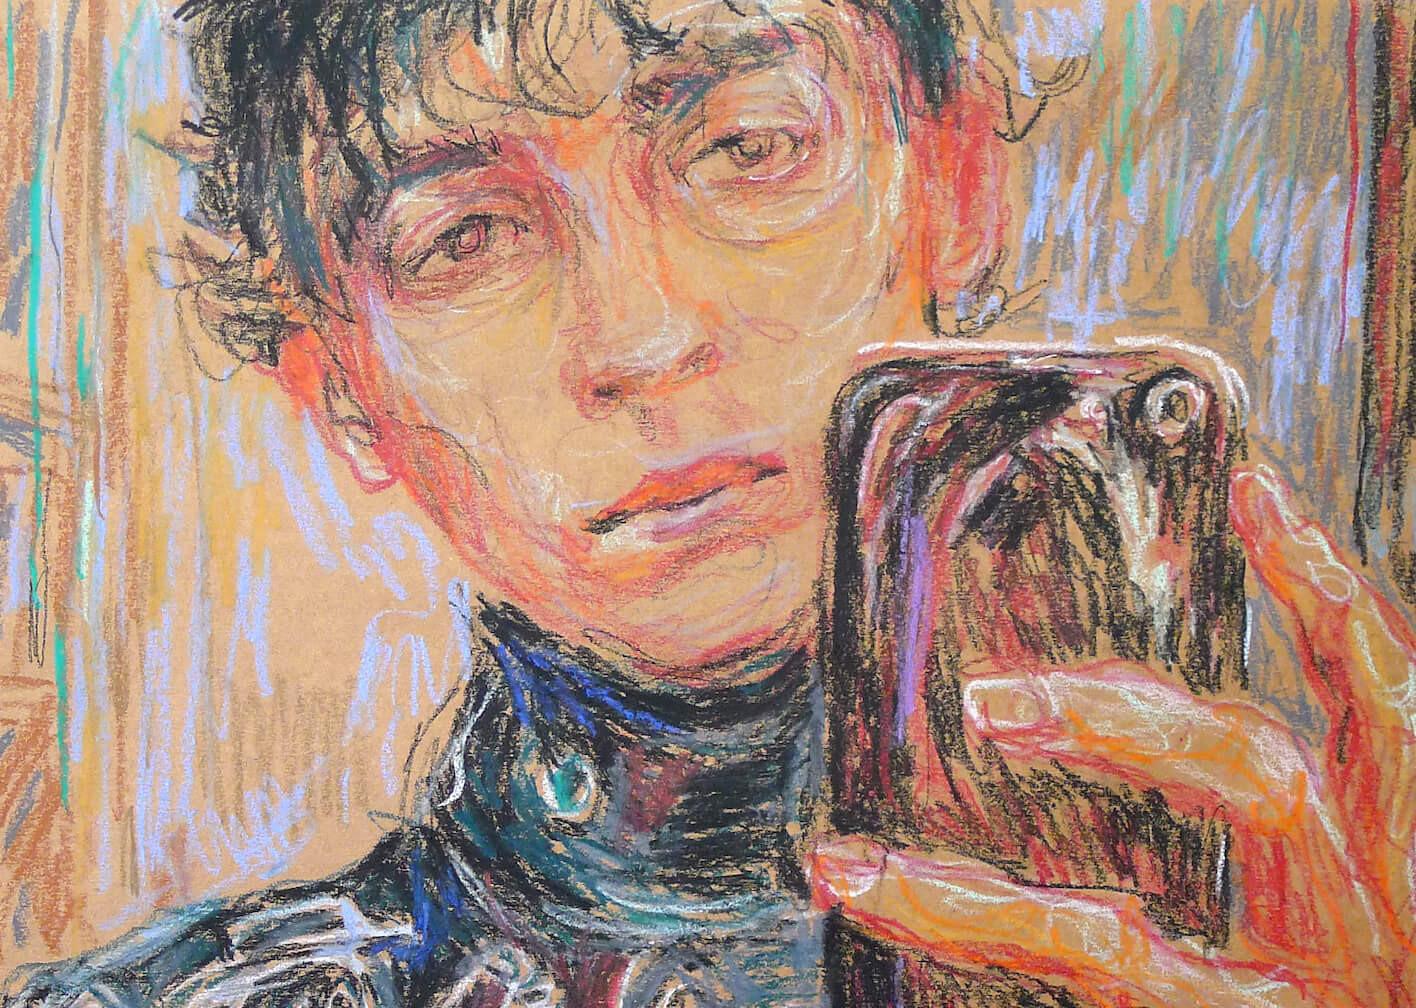 Das Bild zeigt ein Detail einer Pastellzeichnung der Künstlerin Ulrike Theusner.